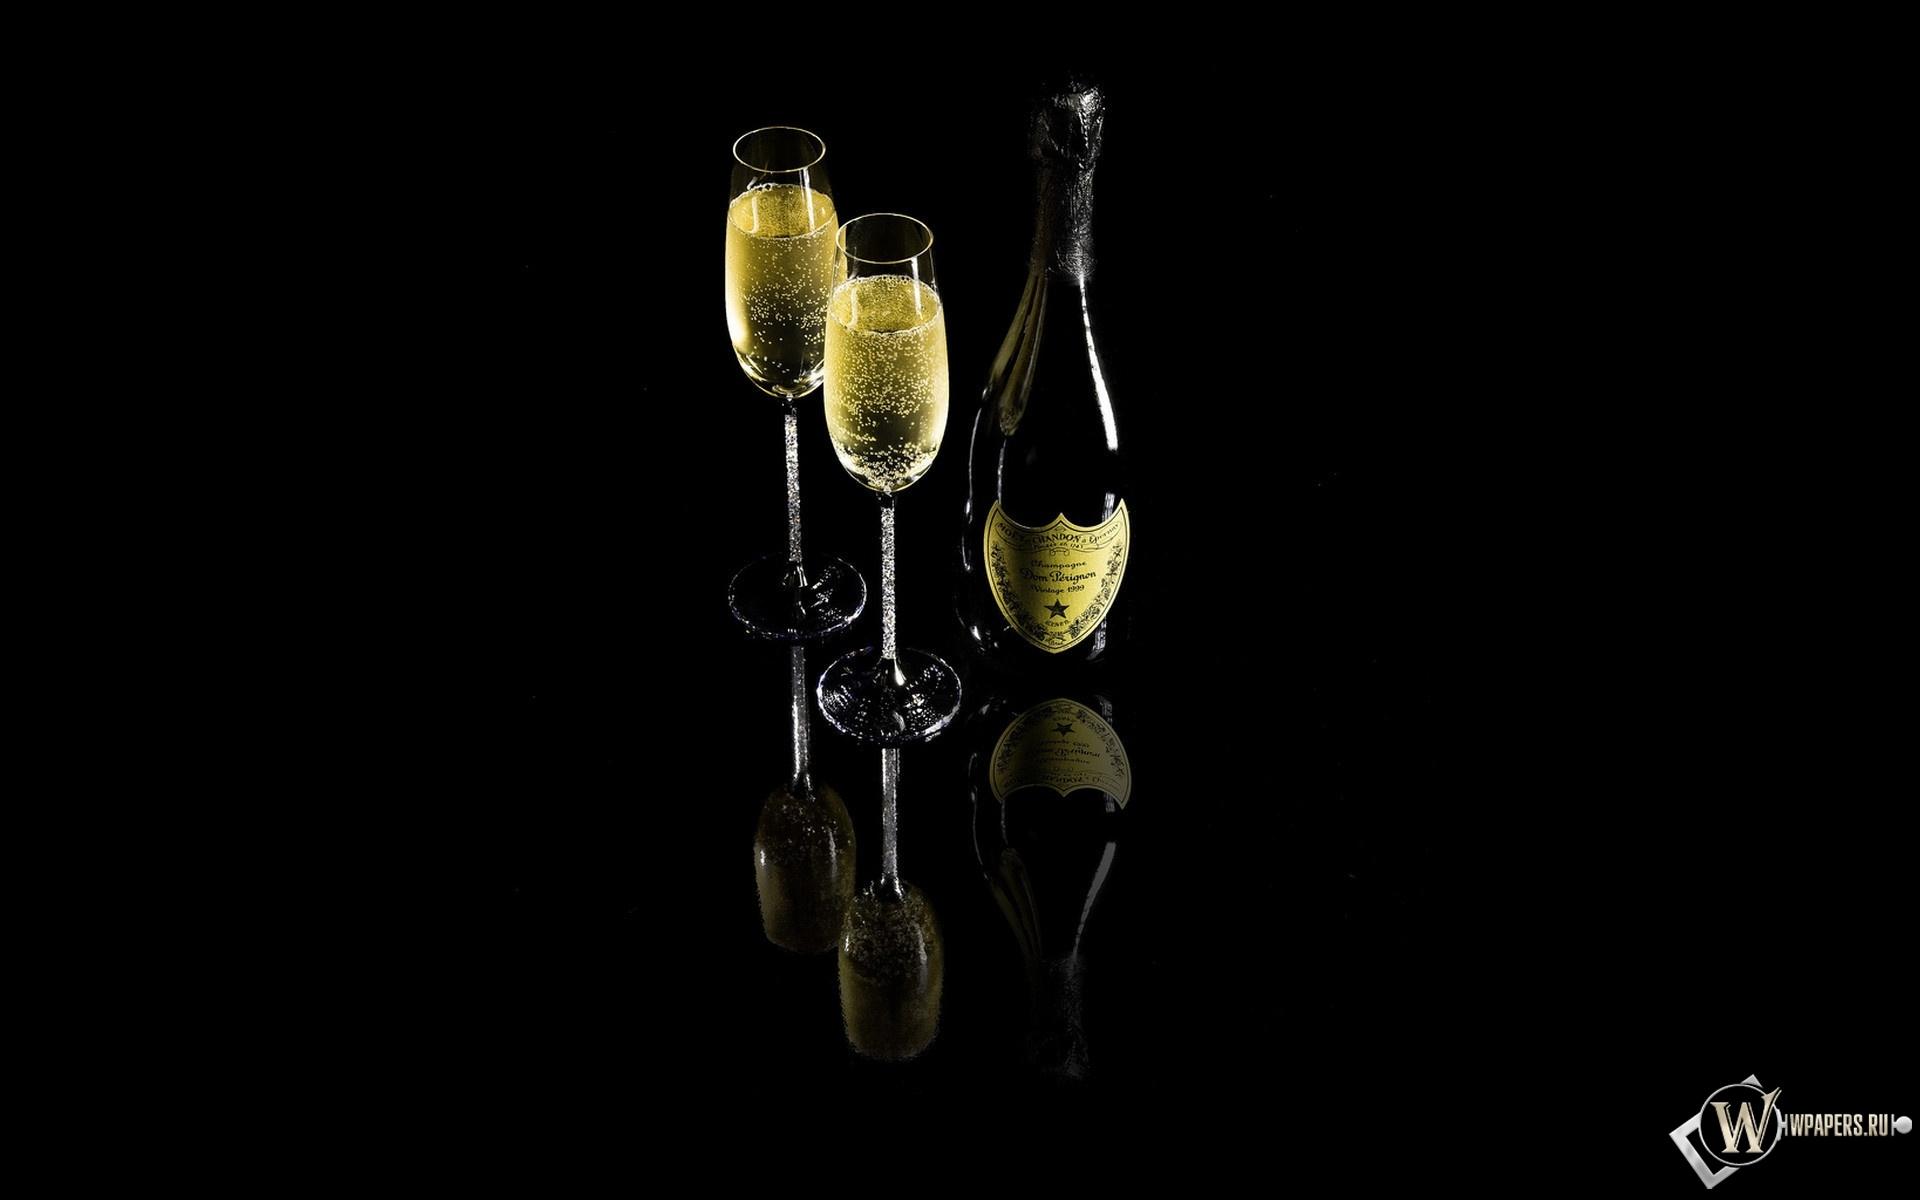 Шампанское Dom Perignon 1920x1200